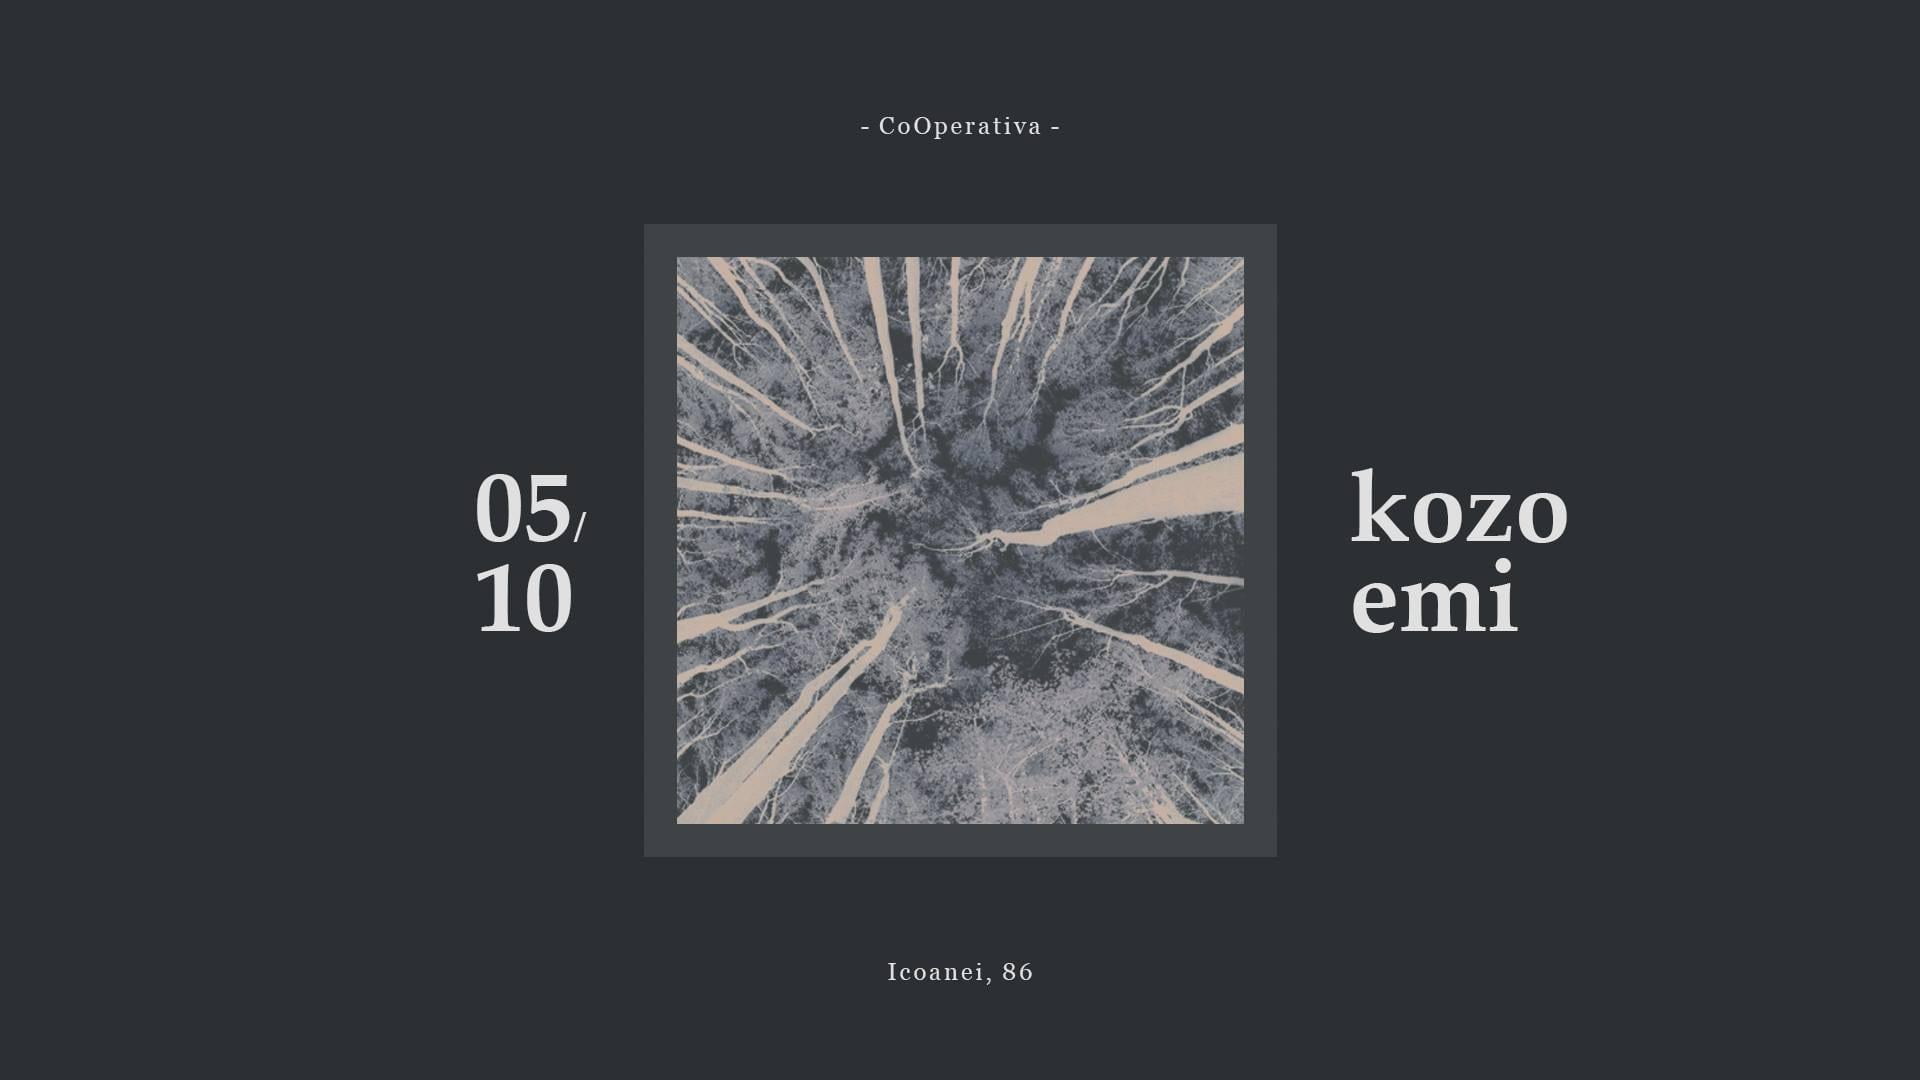 Kozo / Emi @Cooperativa